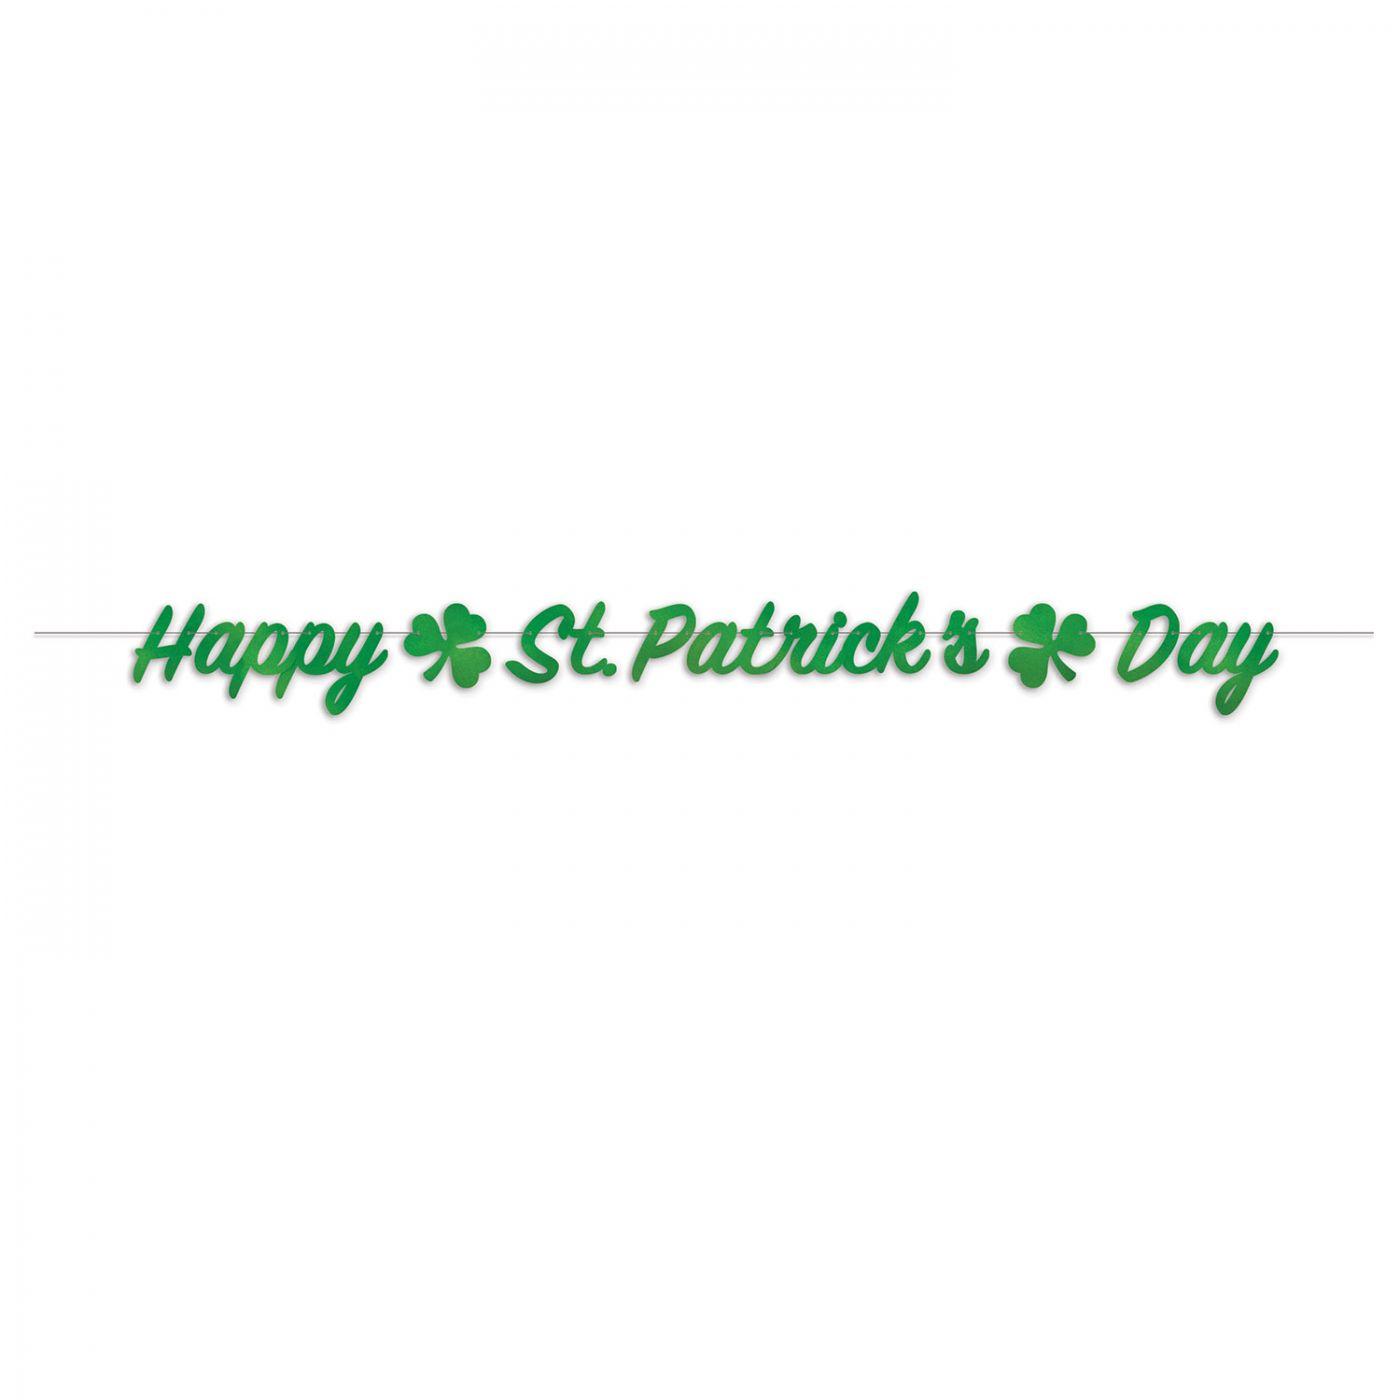 Foil Happy St. Patrick's Day Streamer image